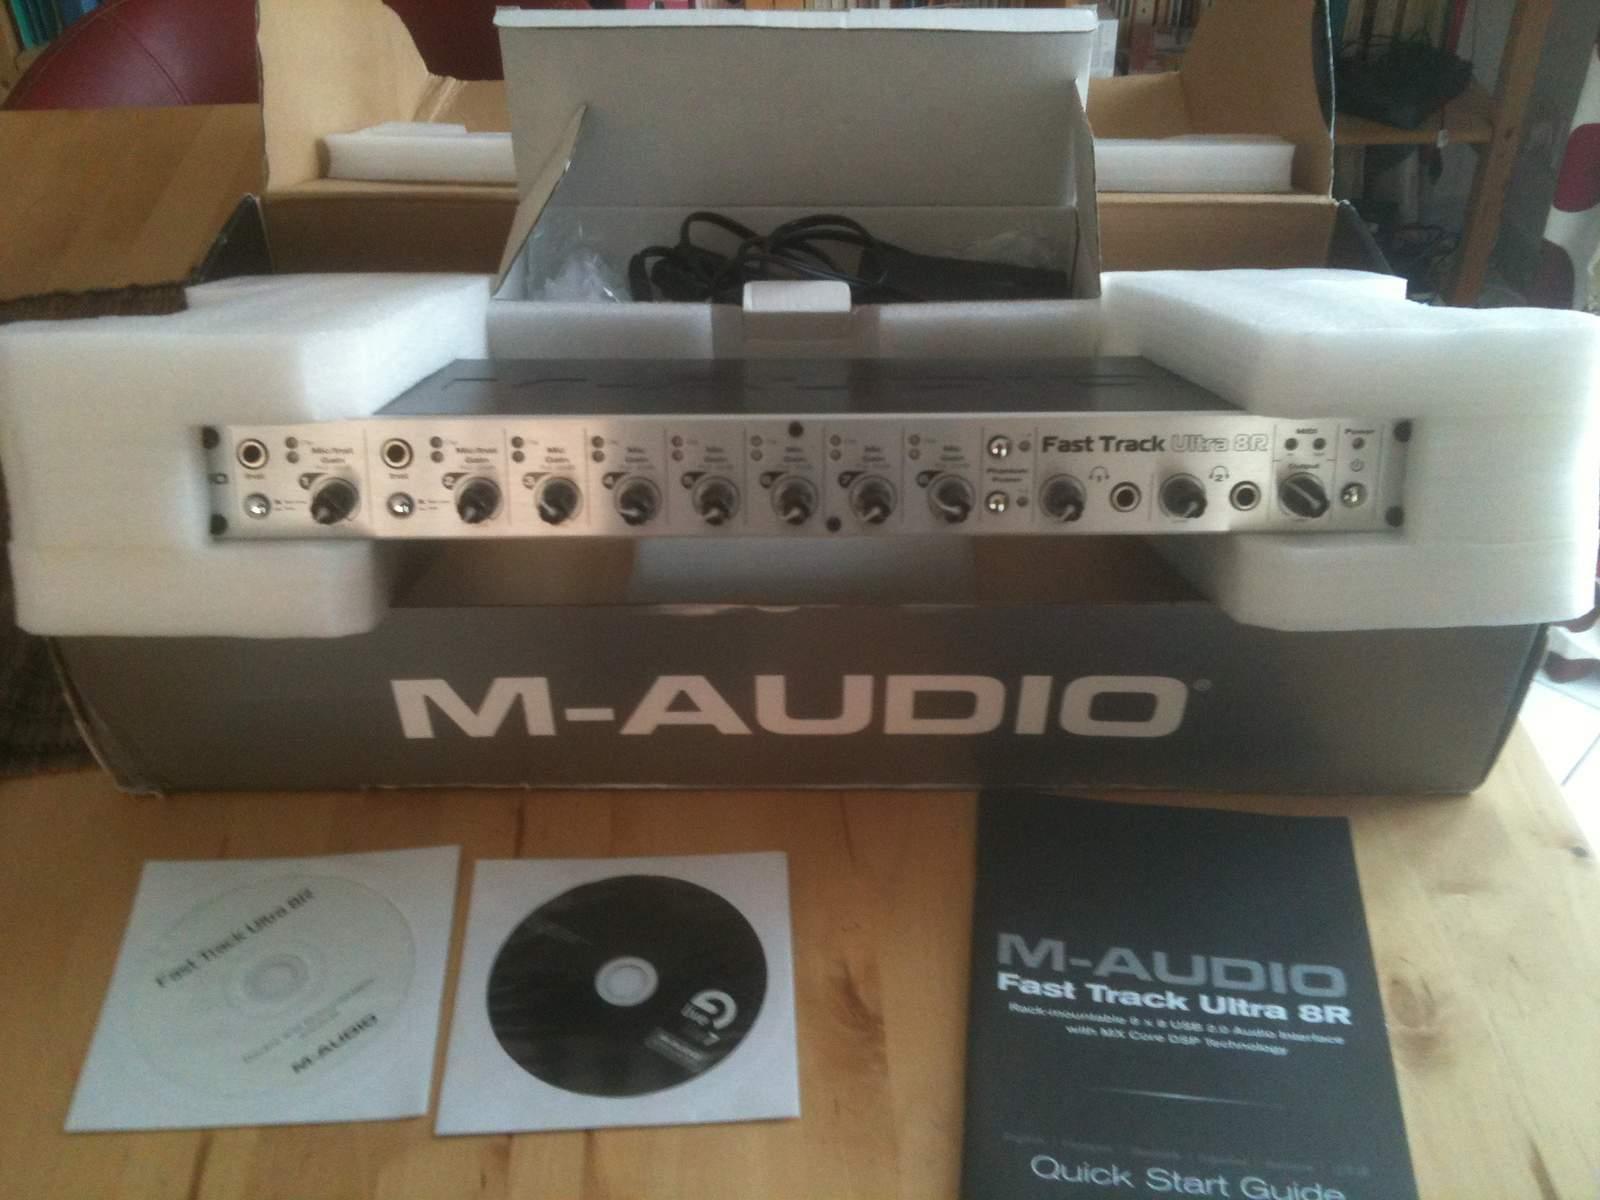 Sound card thu âm Maudio Fast Track Ultra 8R